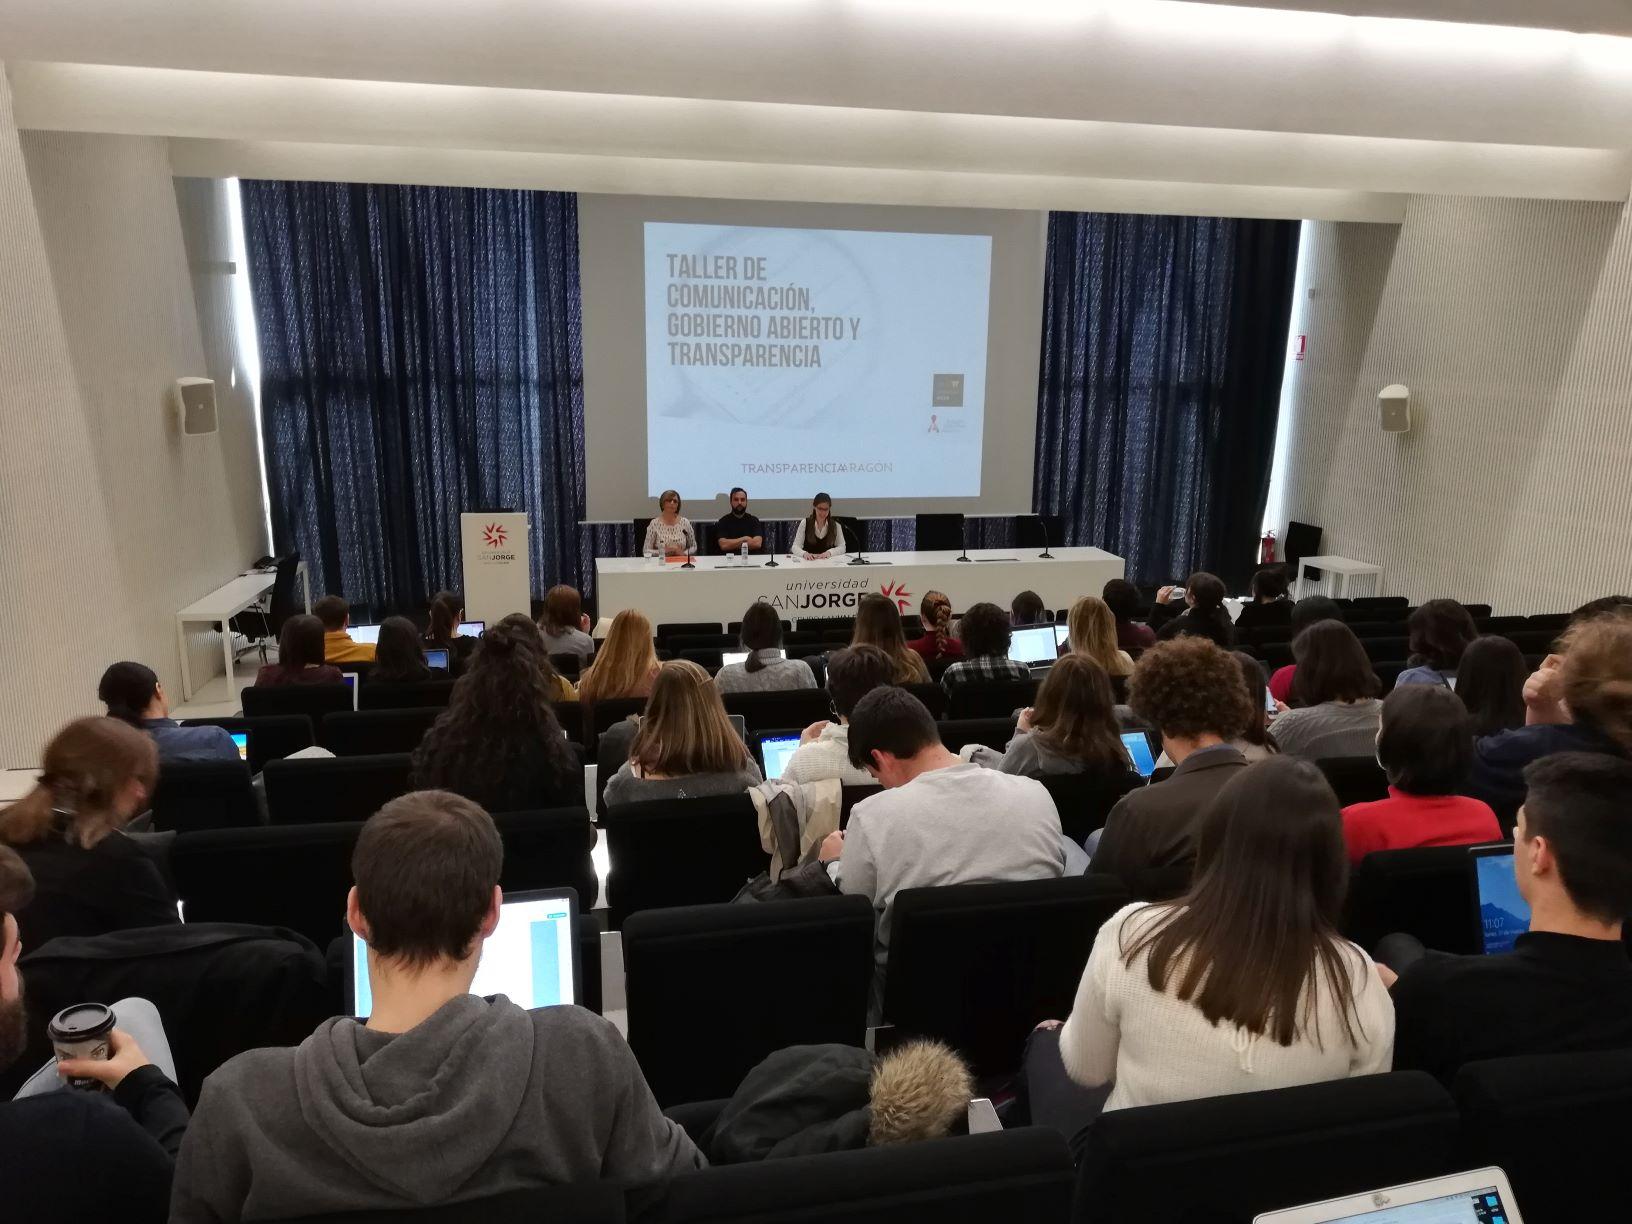 La USJ acoge la primera actividad de la Semana del Gobierno Abierto